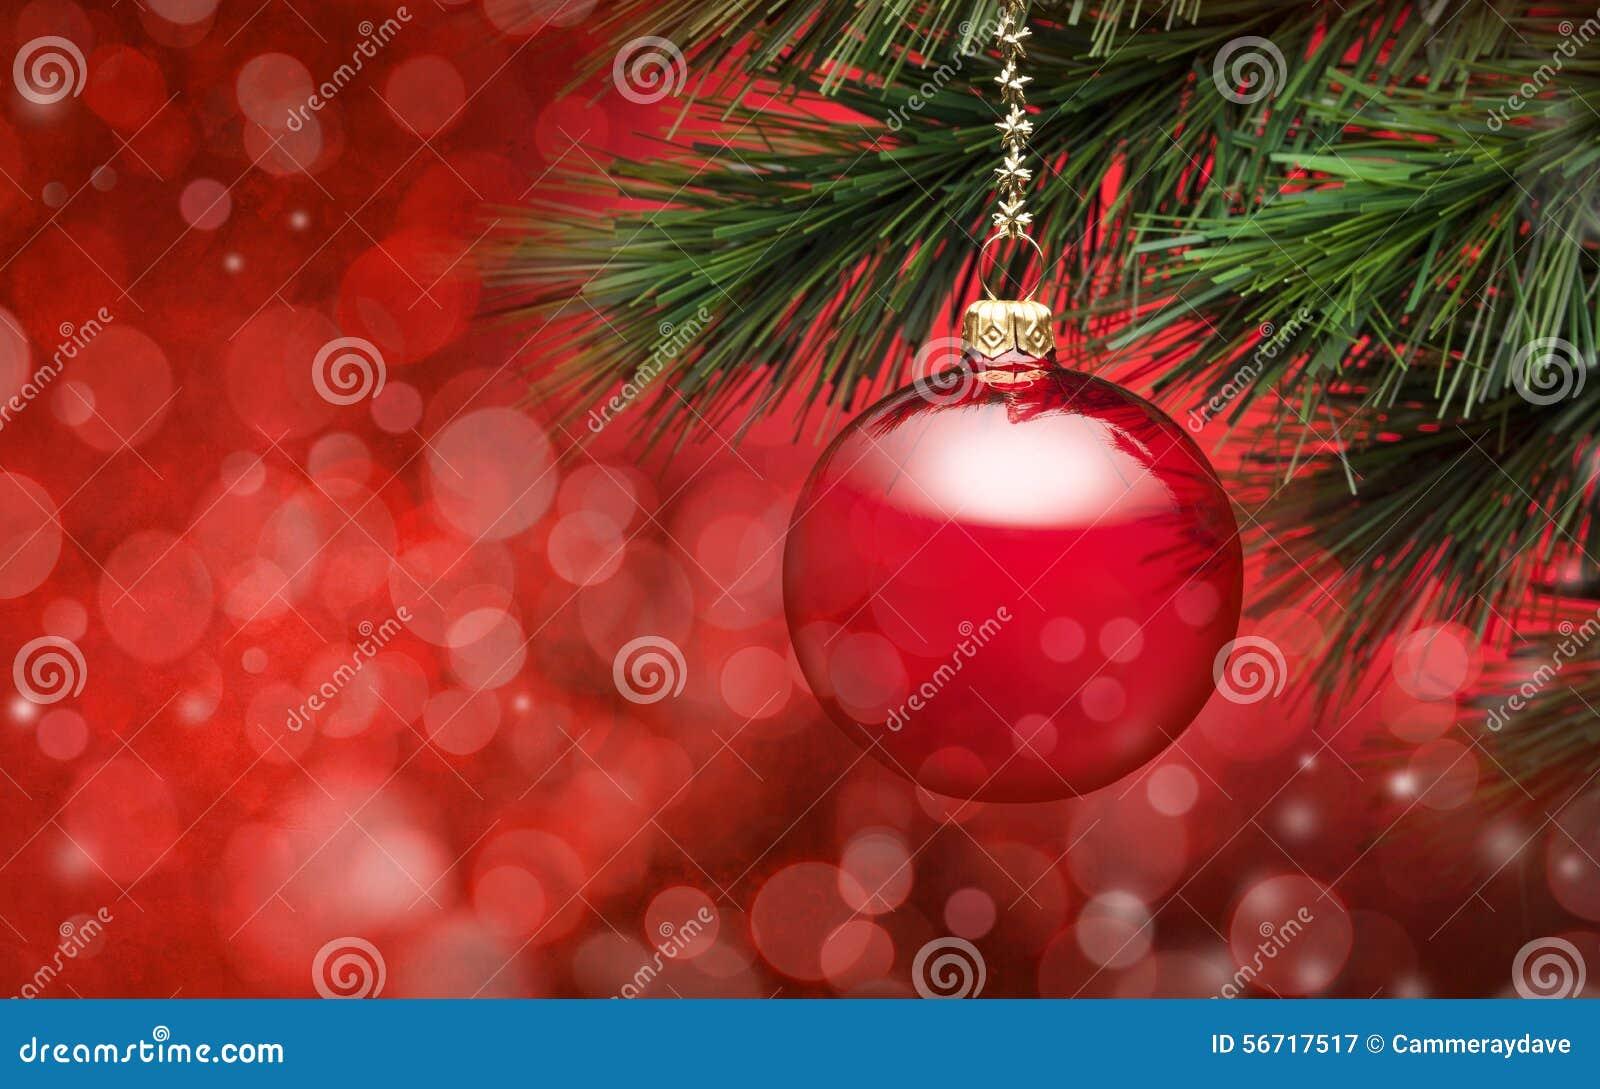 Fondo rojo de la escena del árbol de navidad